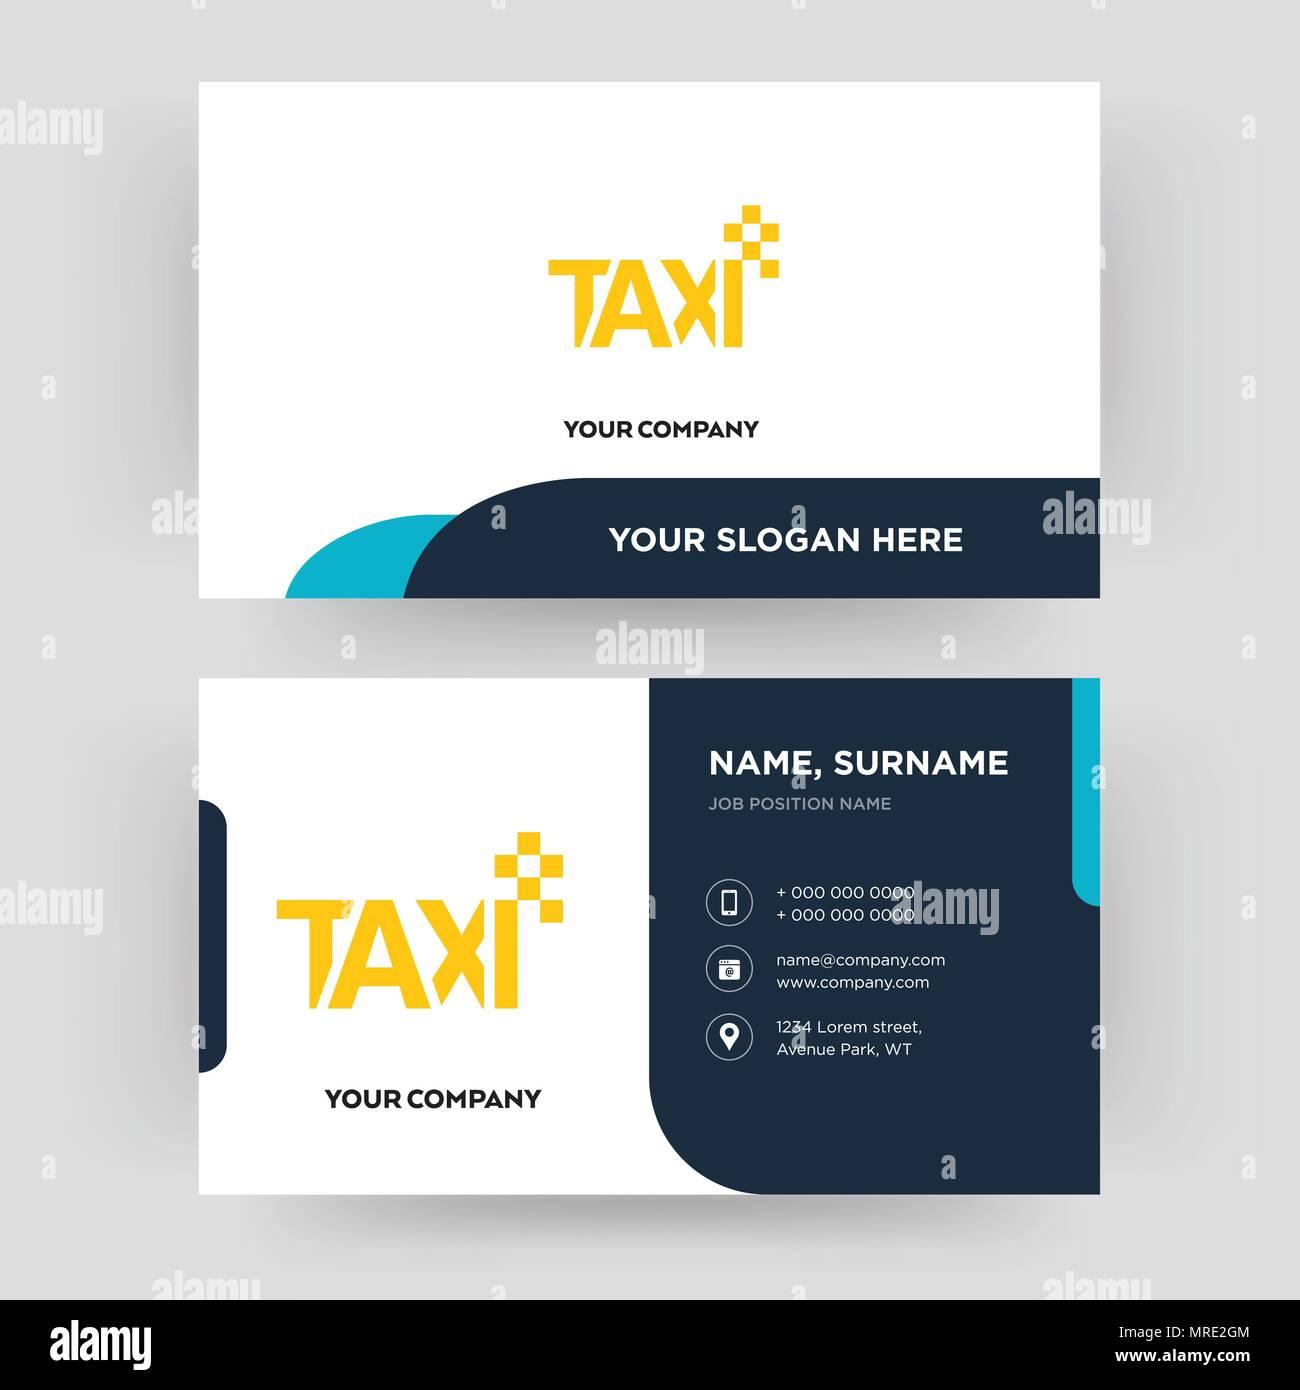 Taxi Business Card Design Vorlage Die Sie Für Ihre Firma